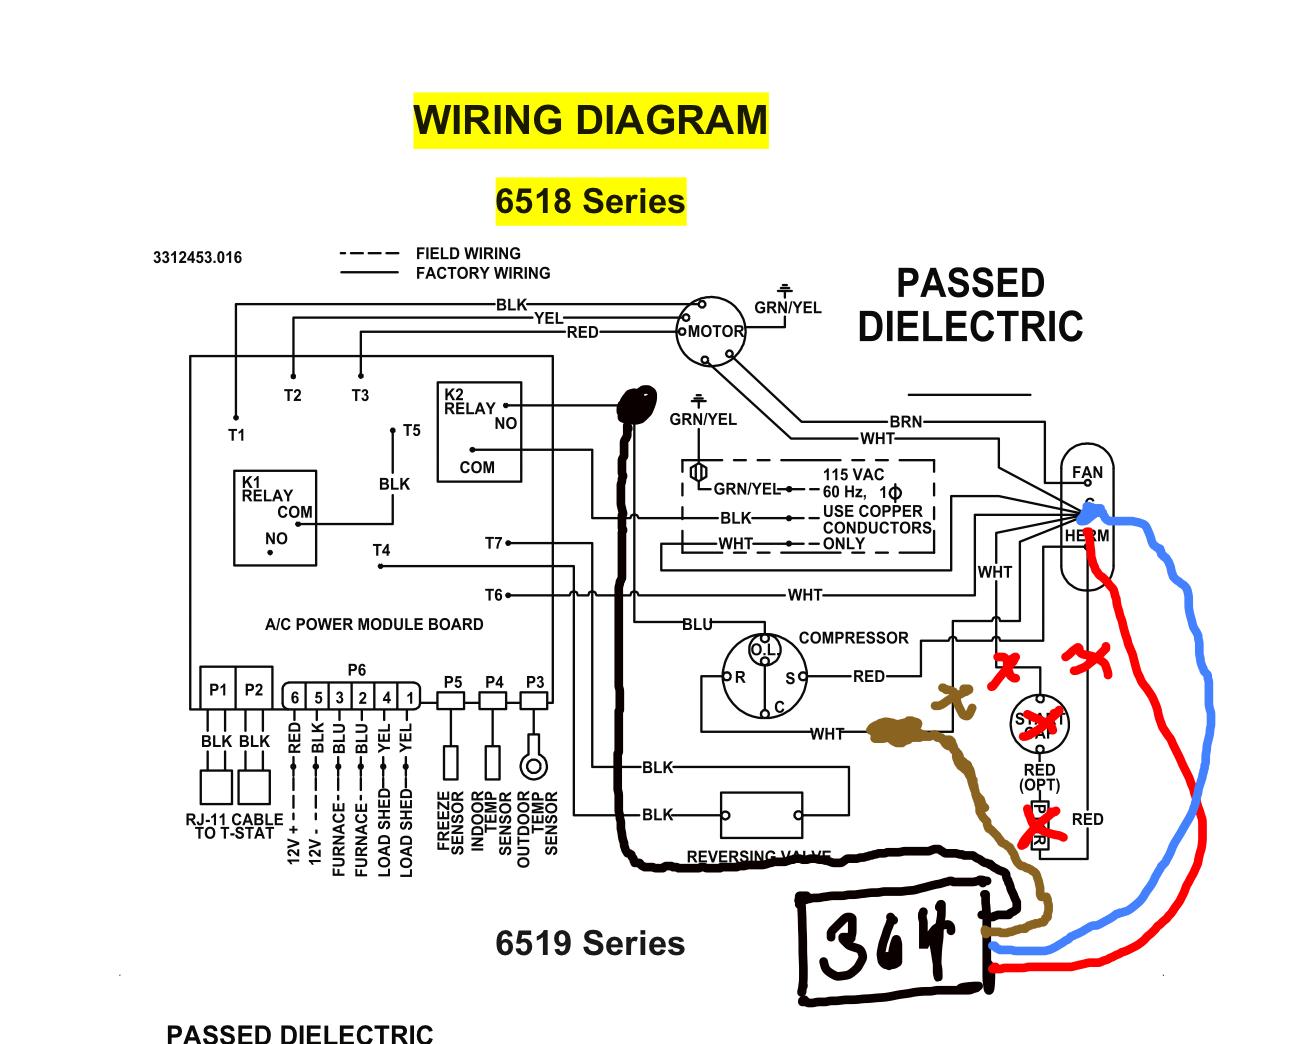 B4424141-D6D7-4254-AEAD-24F66FB6E23B.jpeg